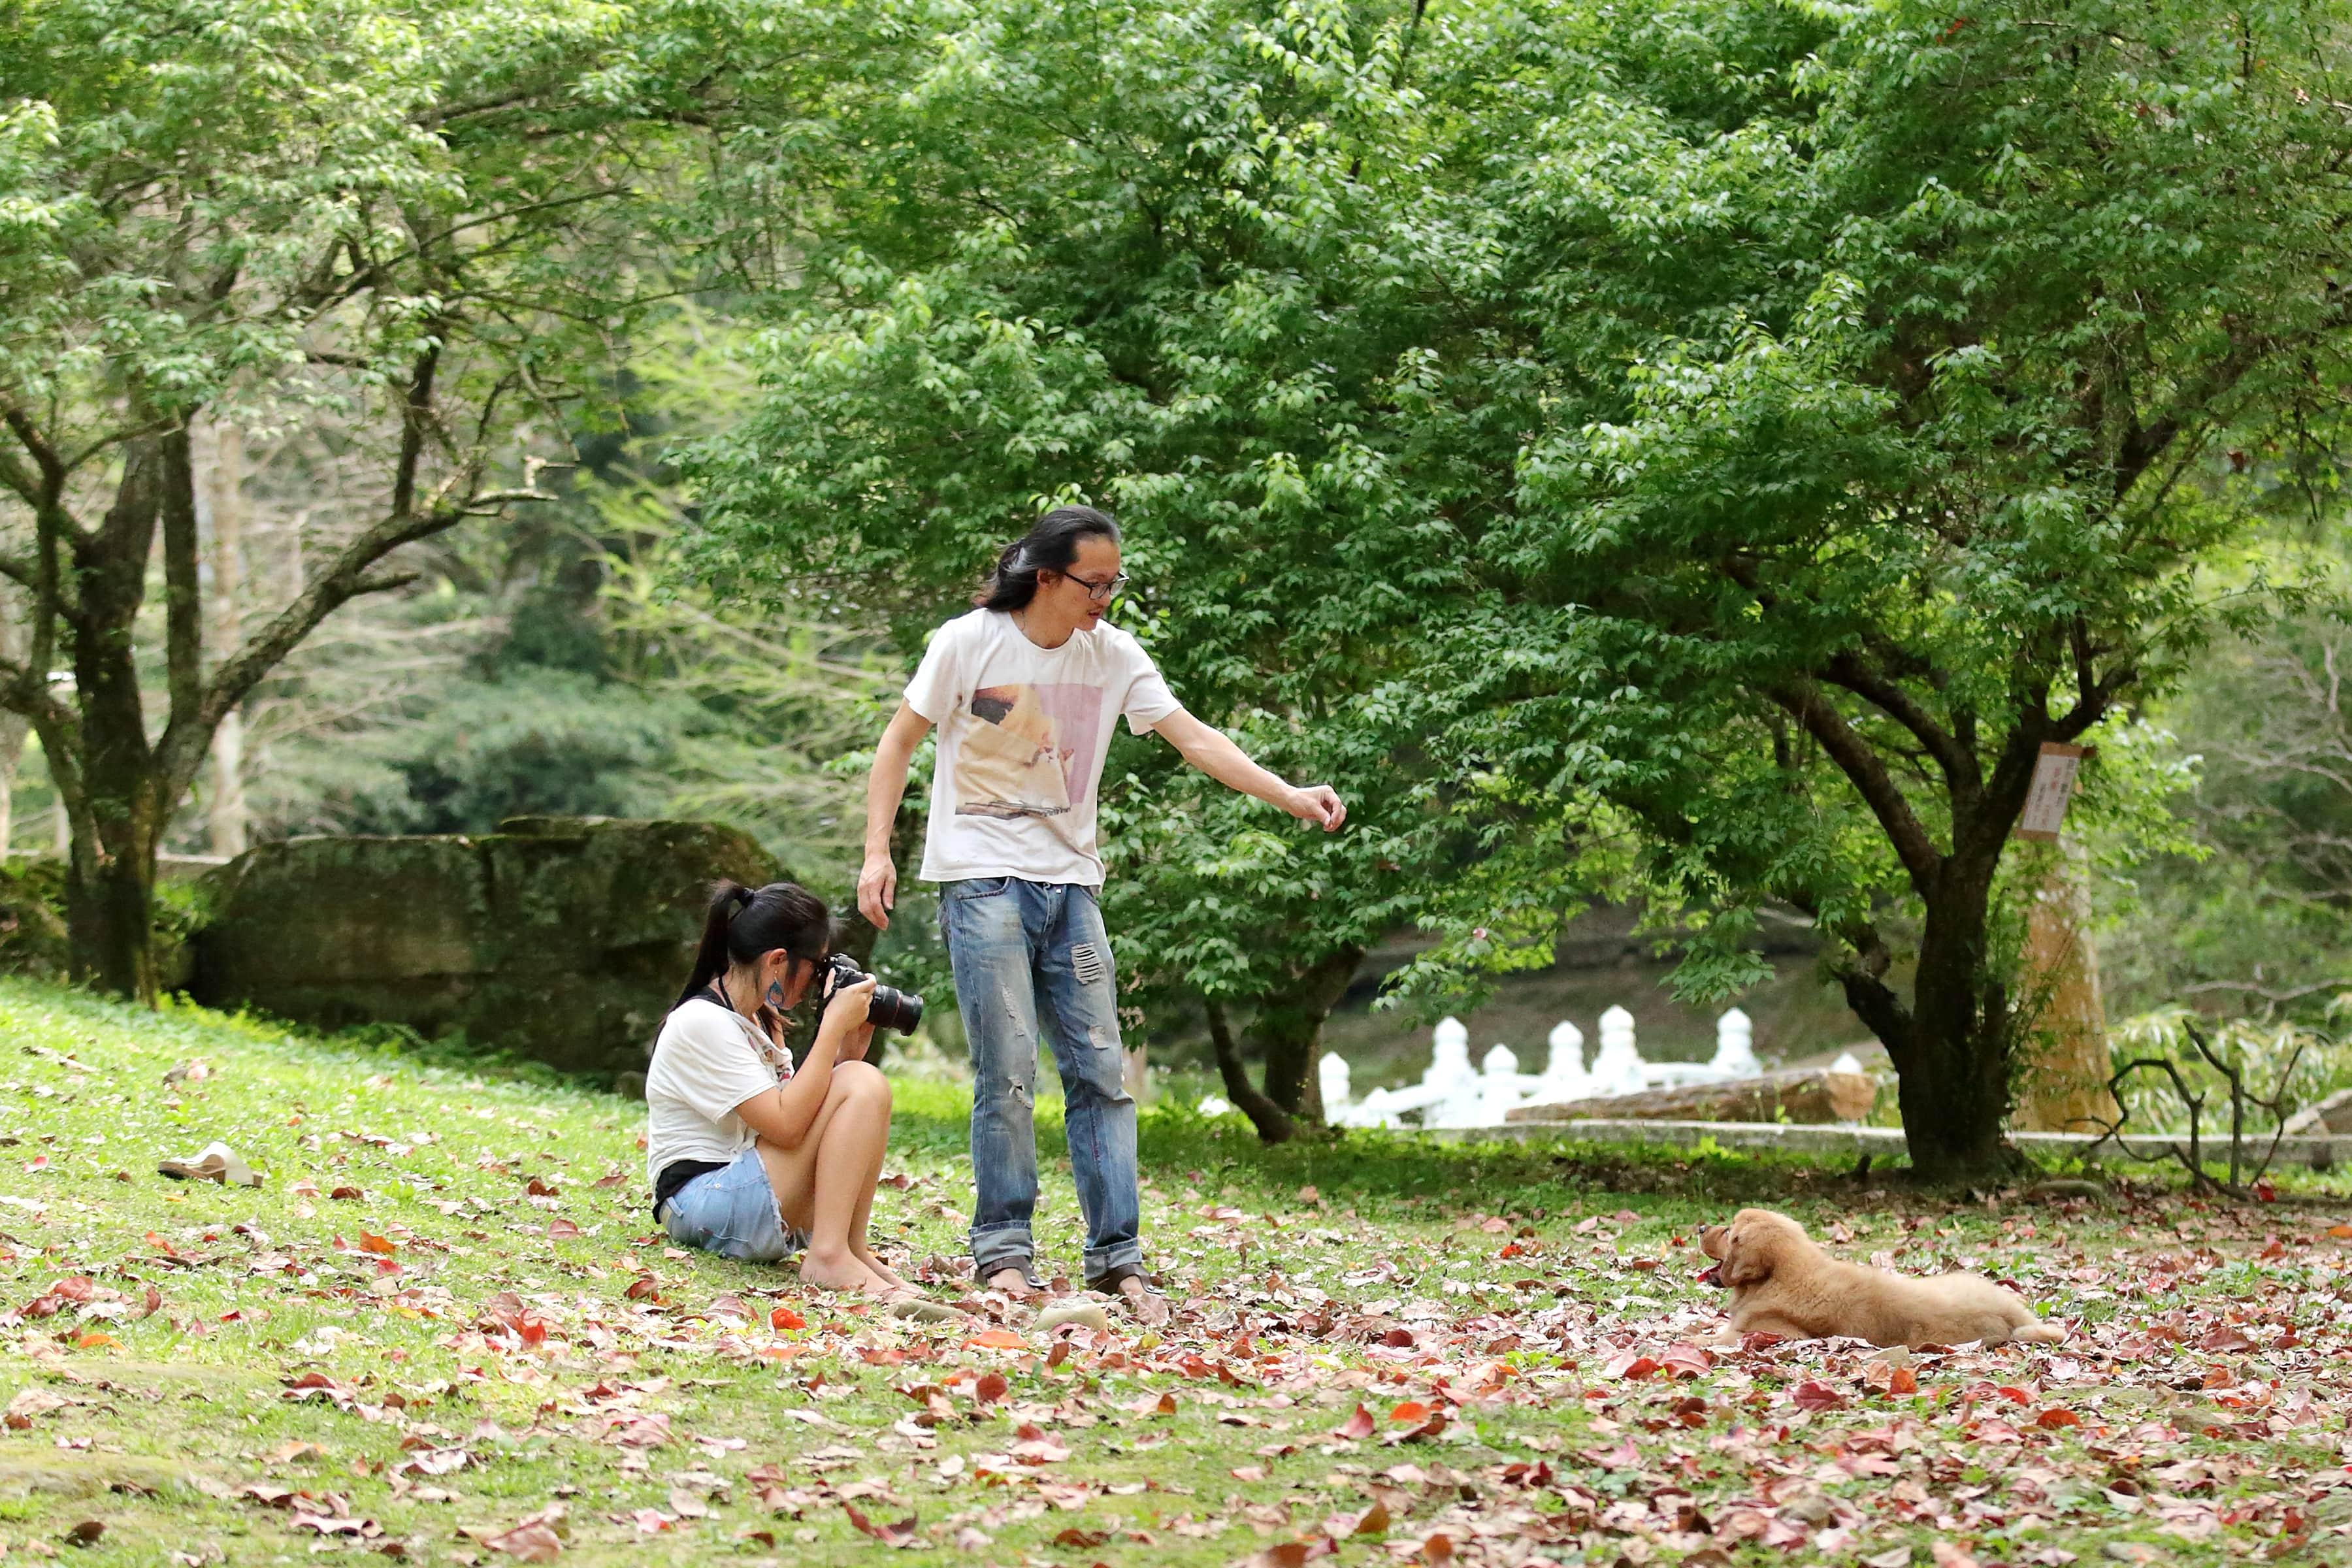 在偶然拍攝工作中,智豪覺察自己和動物溝通的能力